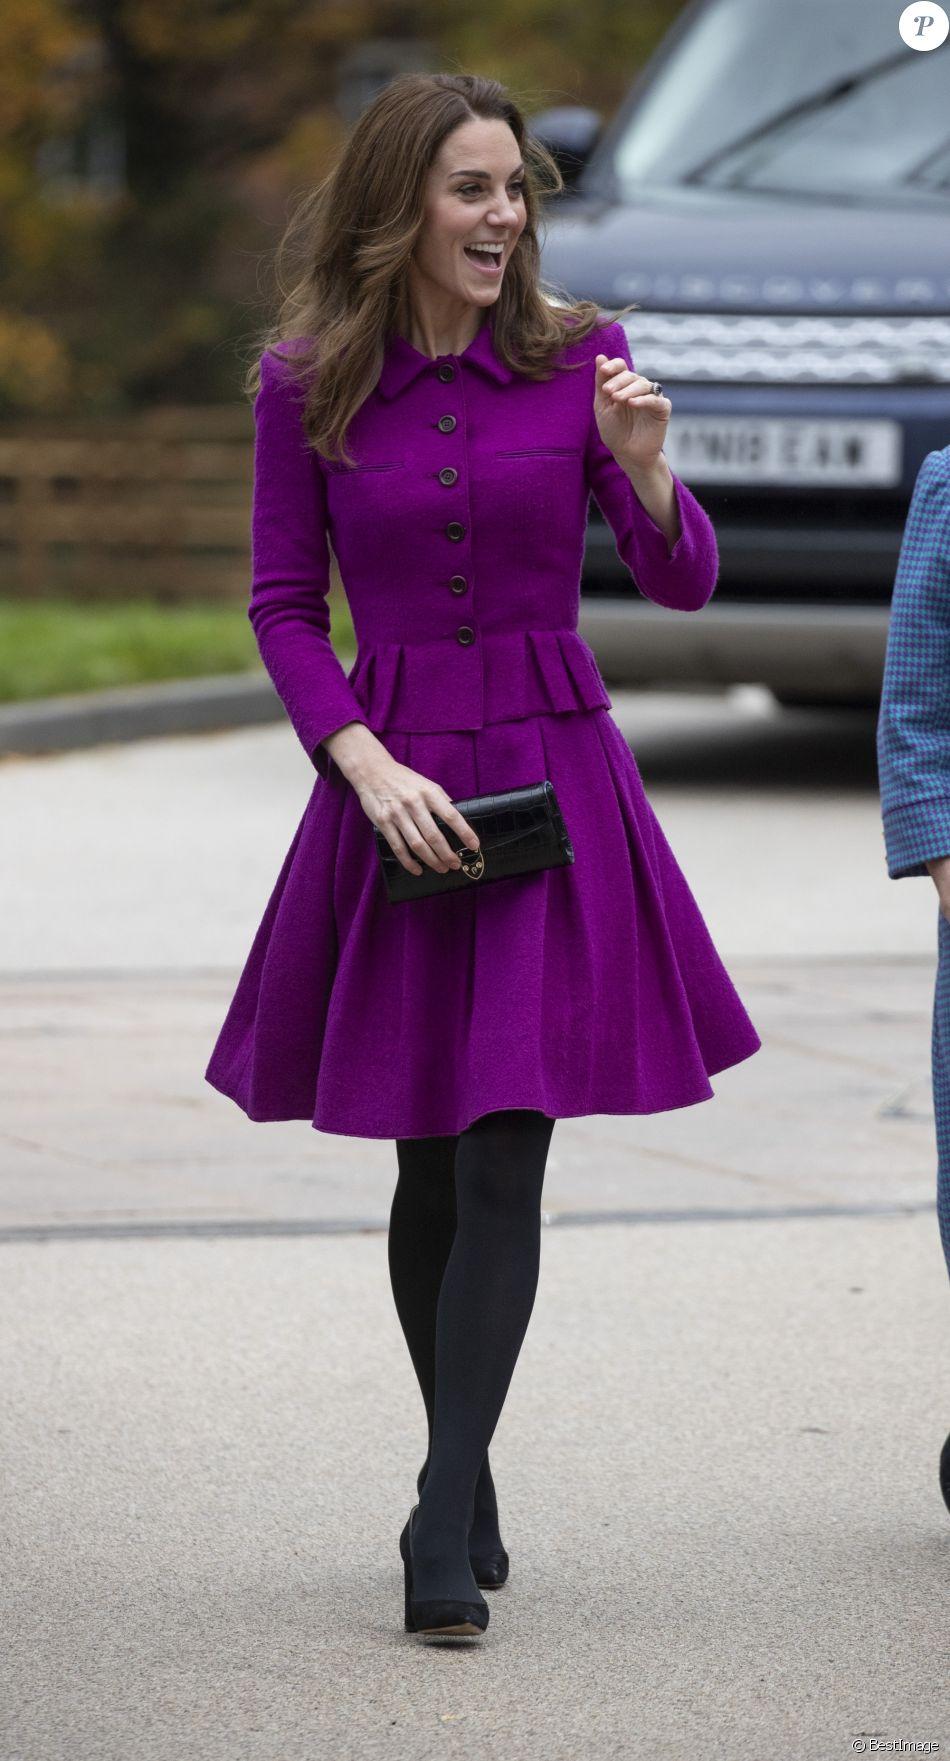 """Kate Middleton, marraine des hôpitaux pour enfants d'Est-Anglie, visite le nouvel hôpital de l'organisme de bienfaisance """" The Nook """" le vendredi 15 novembre, à Norwich dans le Norfolk."""